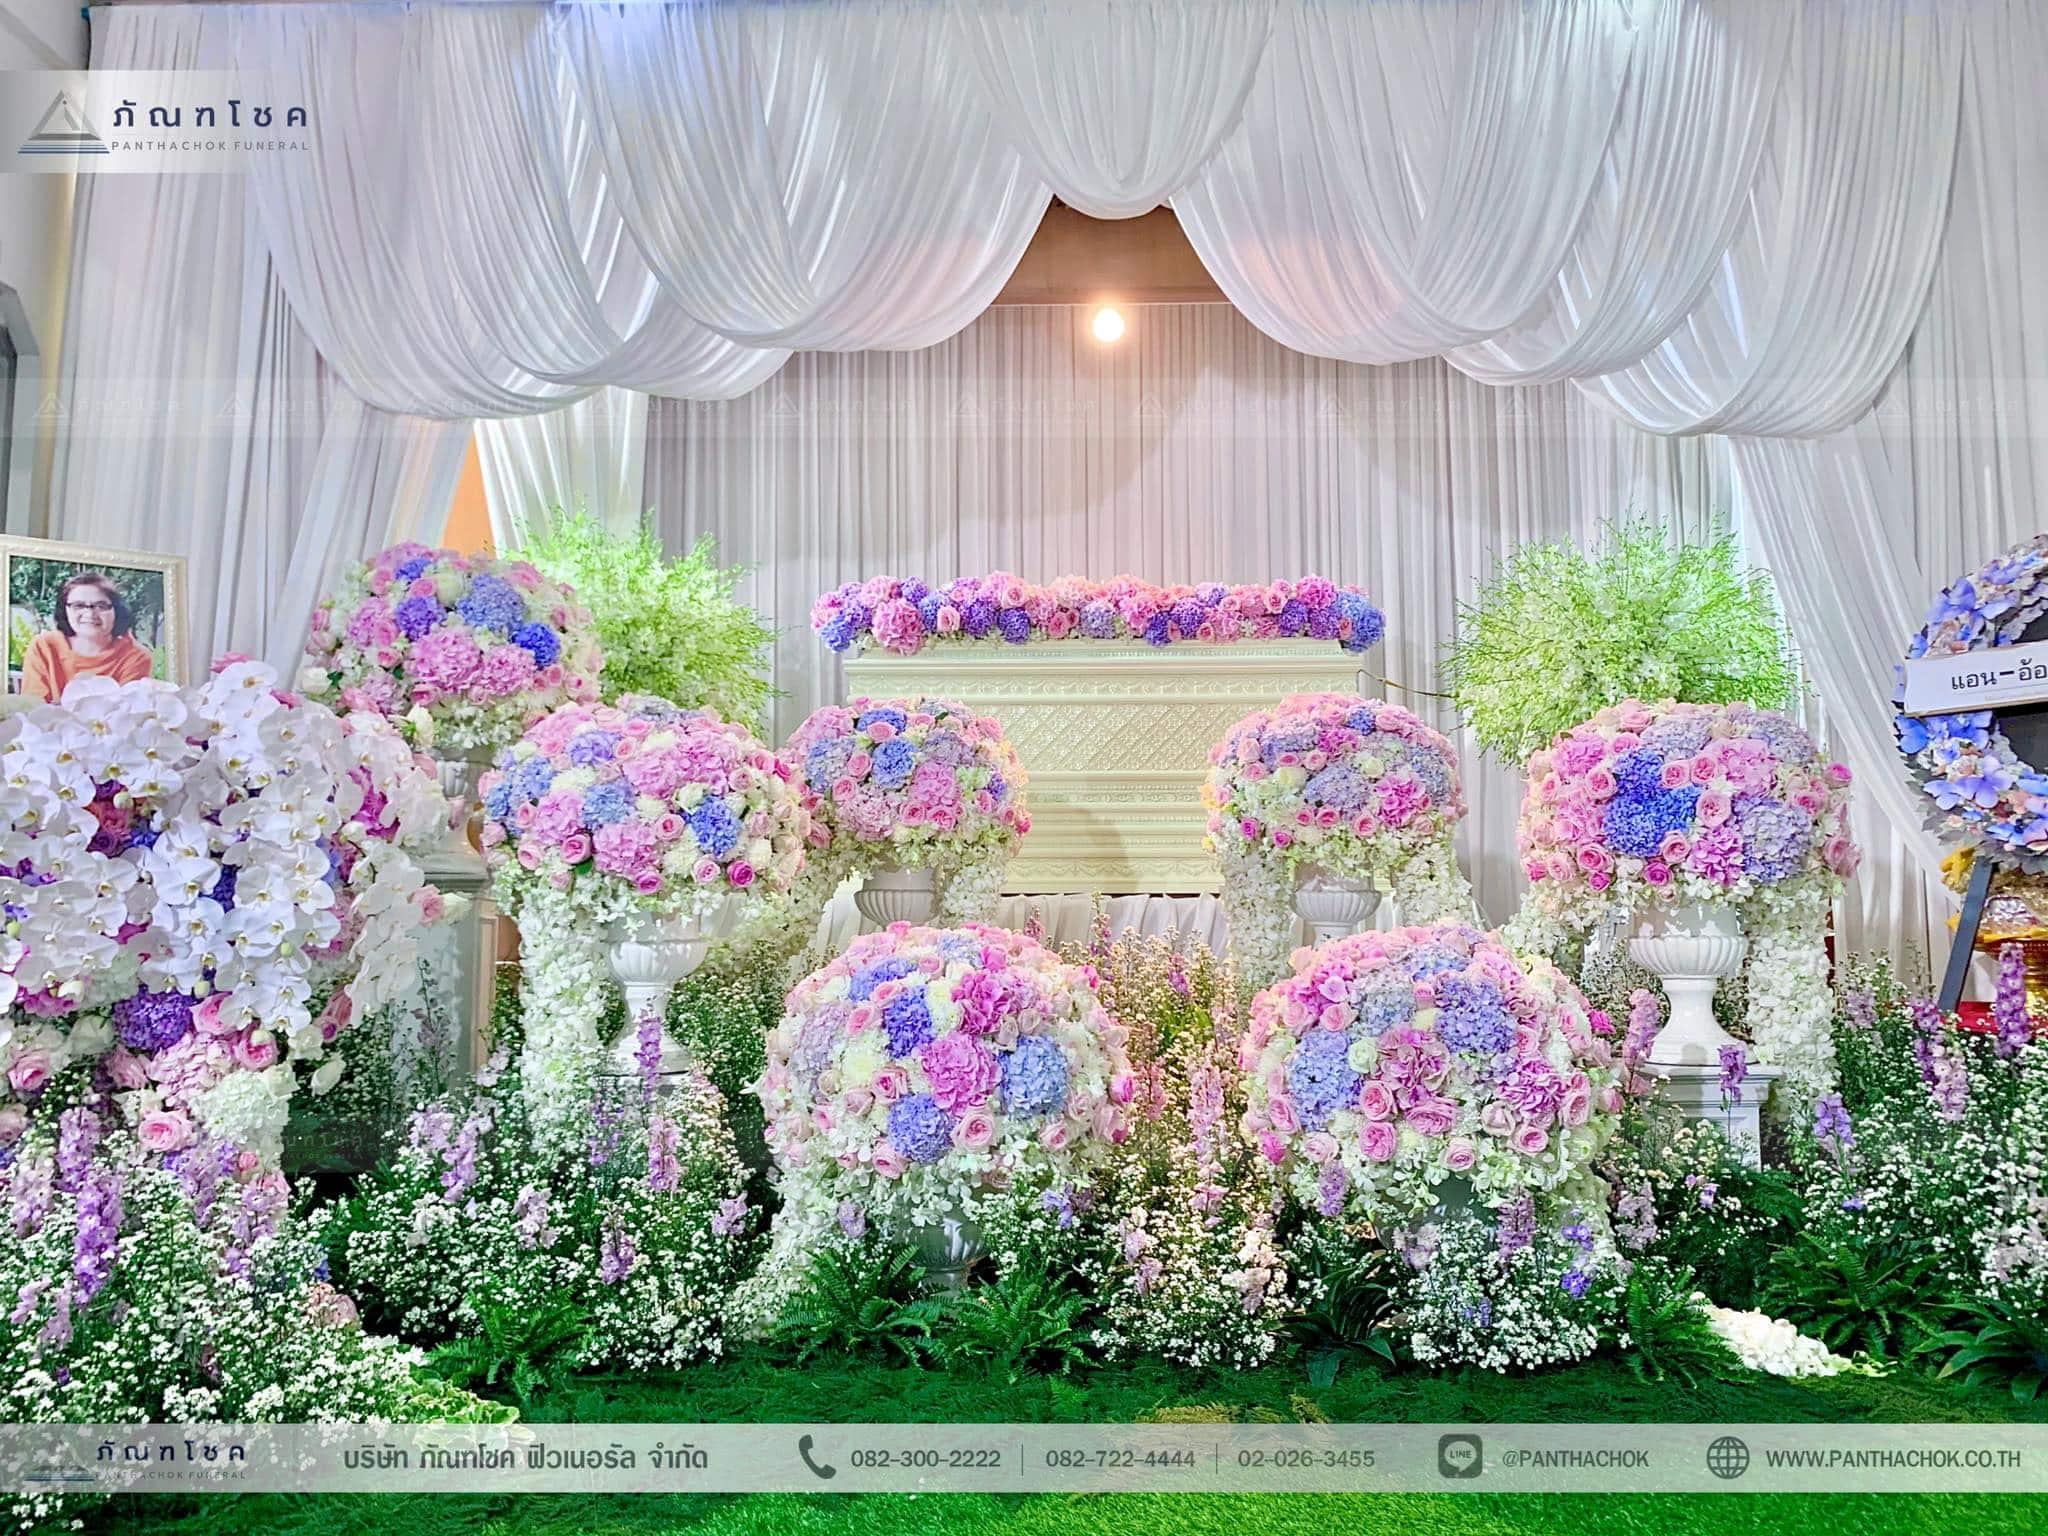 ชุดดอกไม้ประดับหน้าหีบ สไตล์ผู้ดีอังกฤษจิบชายามบ่าย (งานศพคุณแม่ของคุณอ๊อฟ ปองศักดิ์) 9